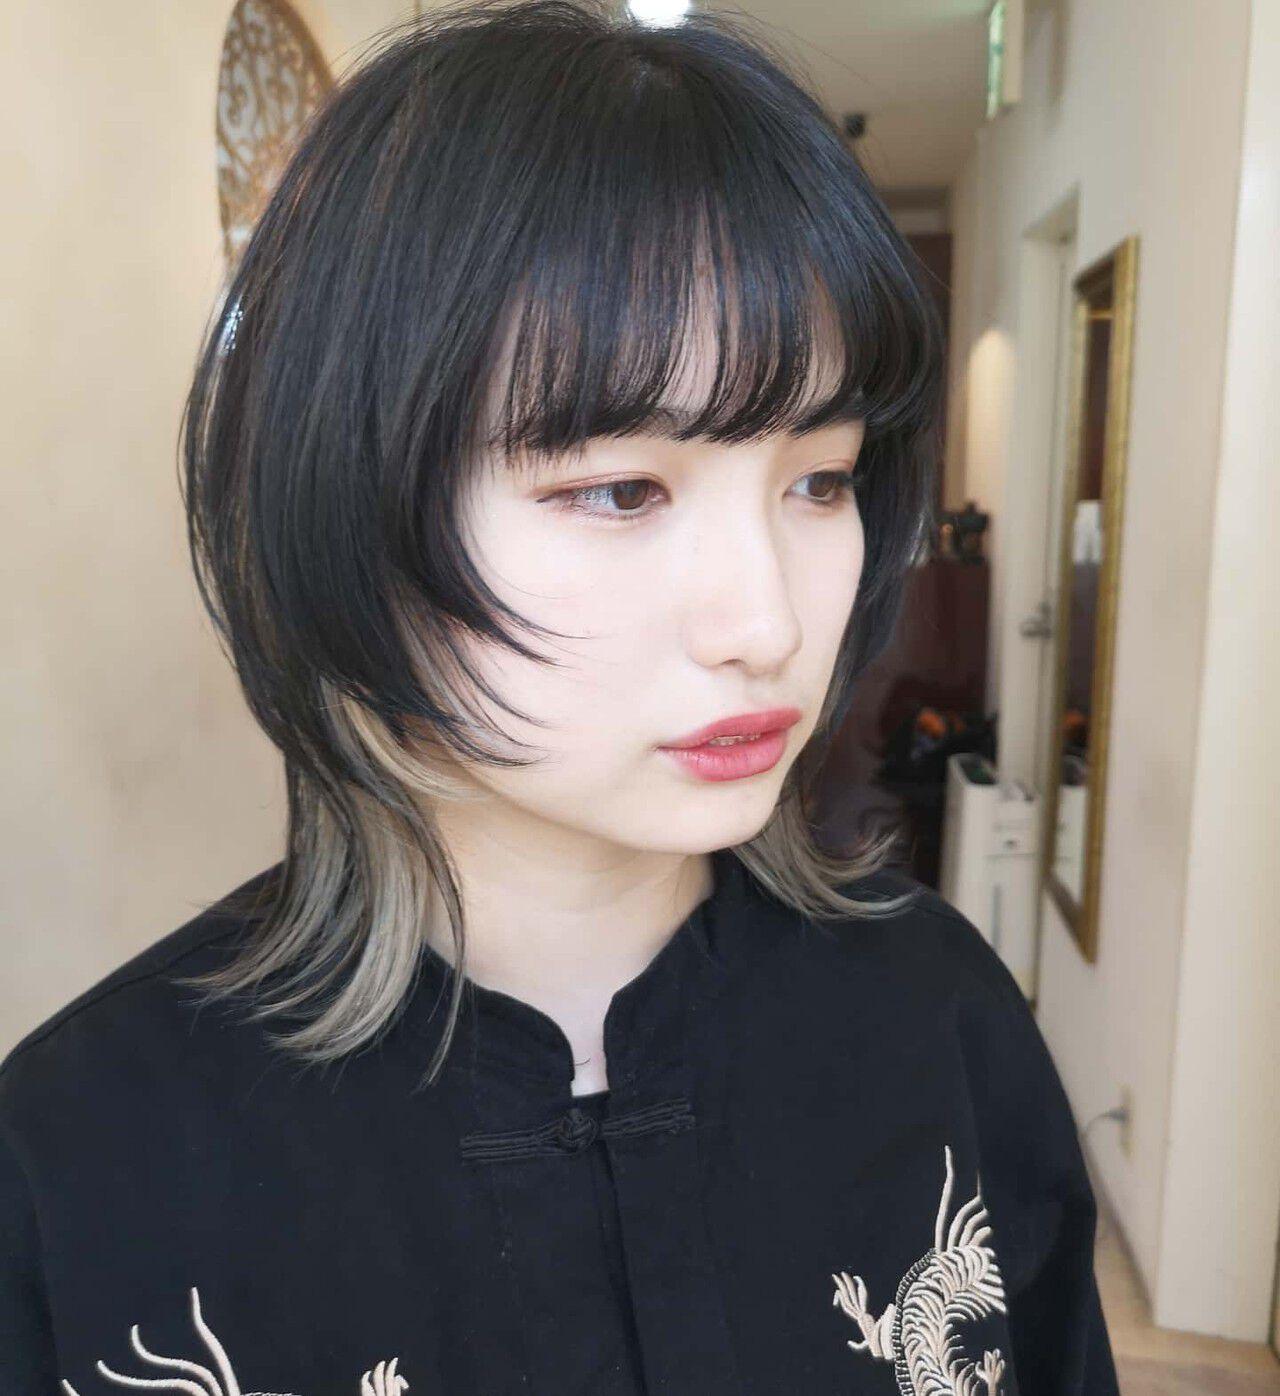 ミディアム ウルフレイヤー マッシュウルフ ウルフヘアスタイルや髪型の写真・画像